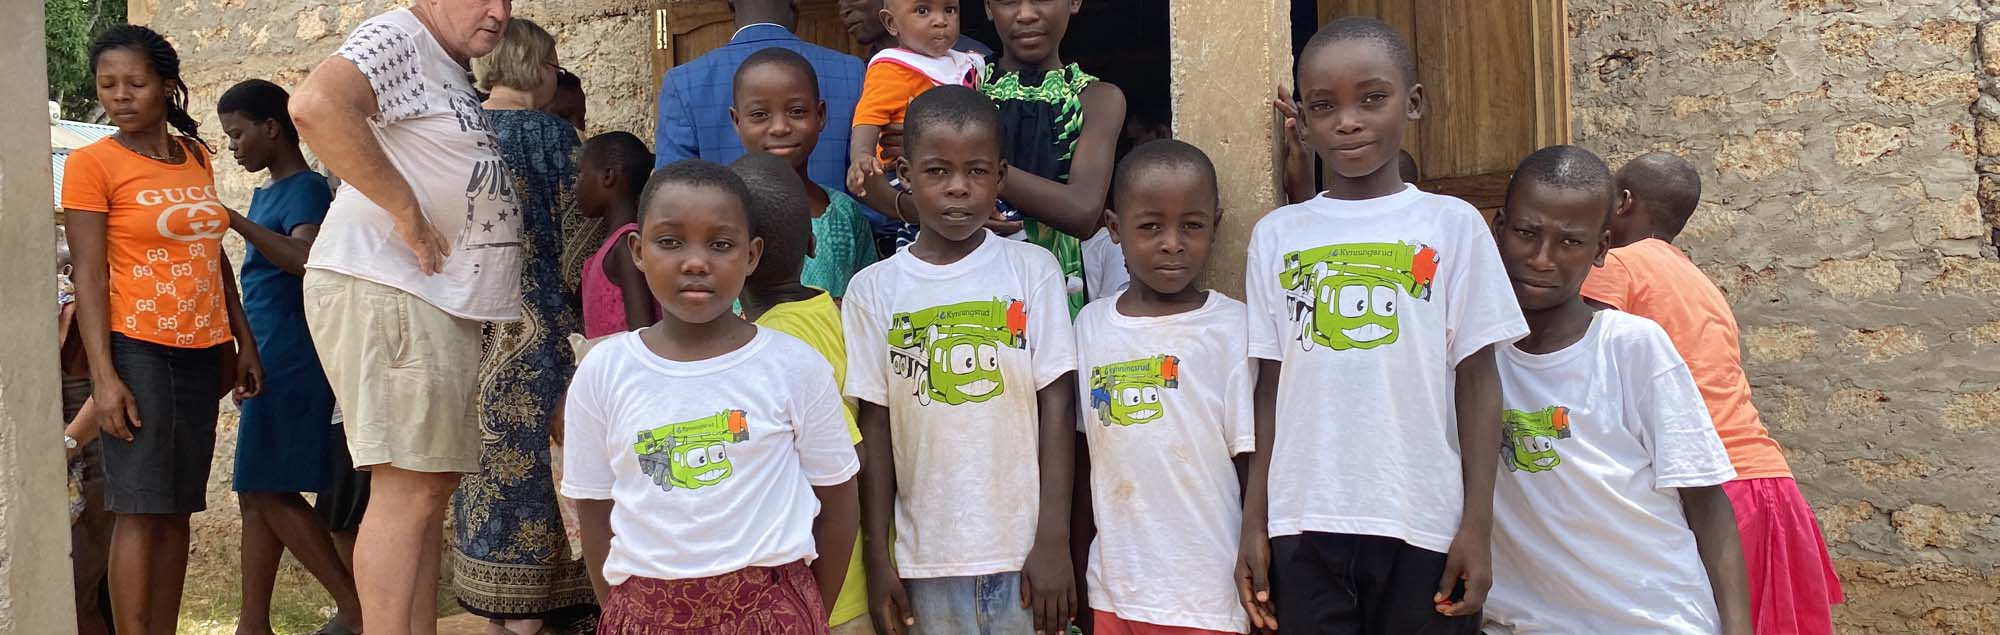 Barnbyen i Kenya invigdes